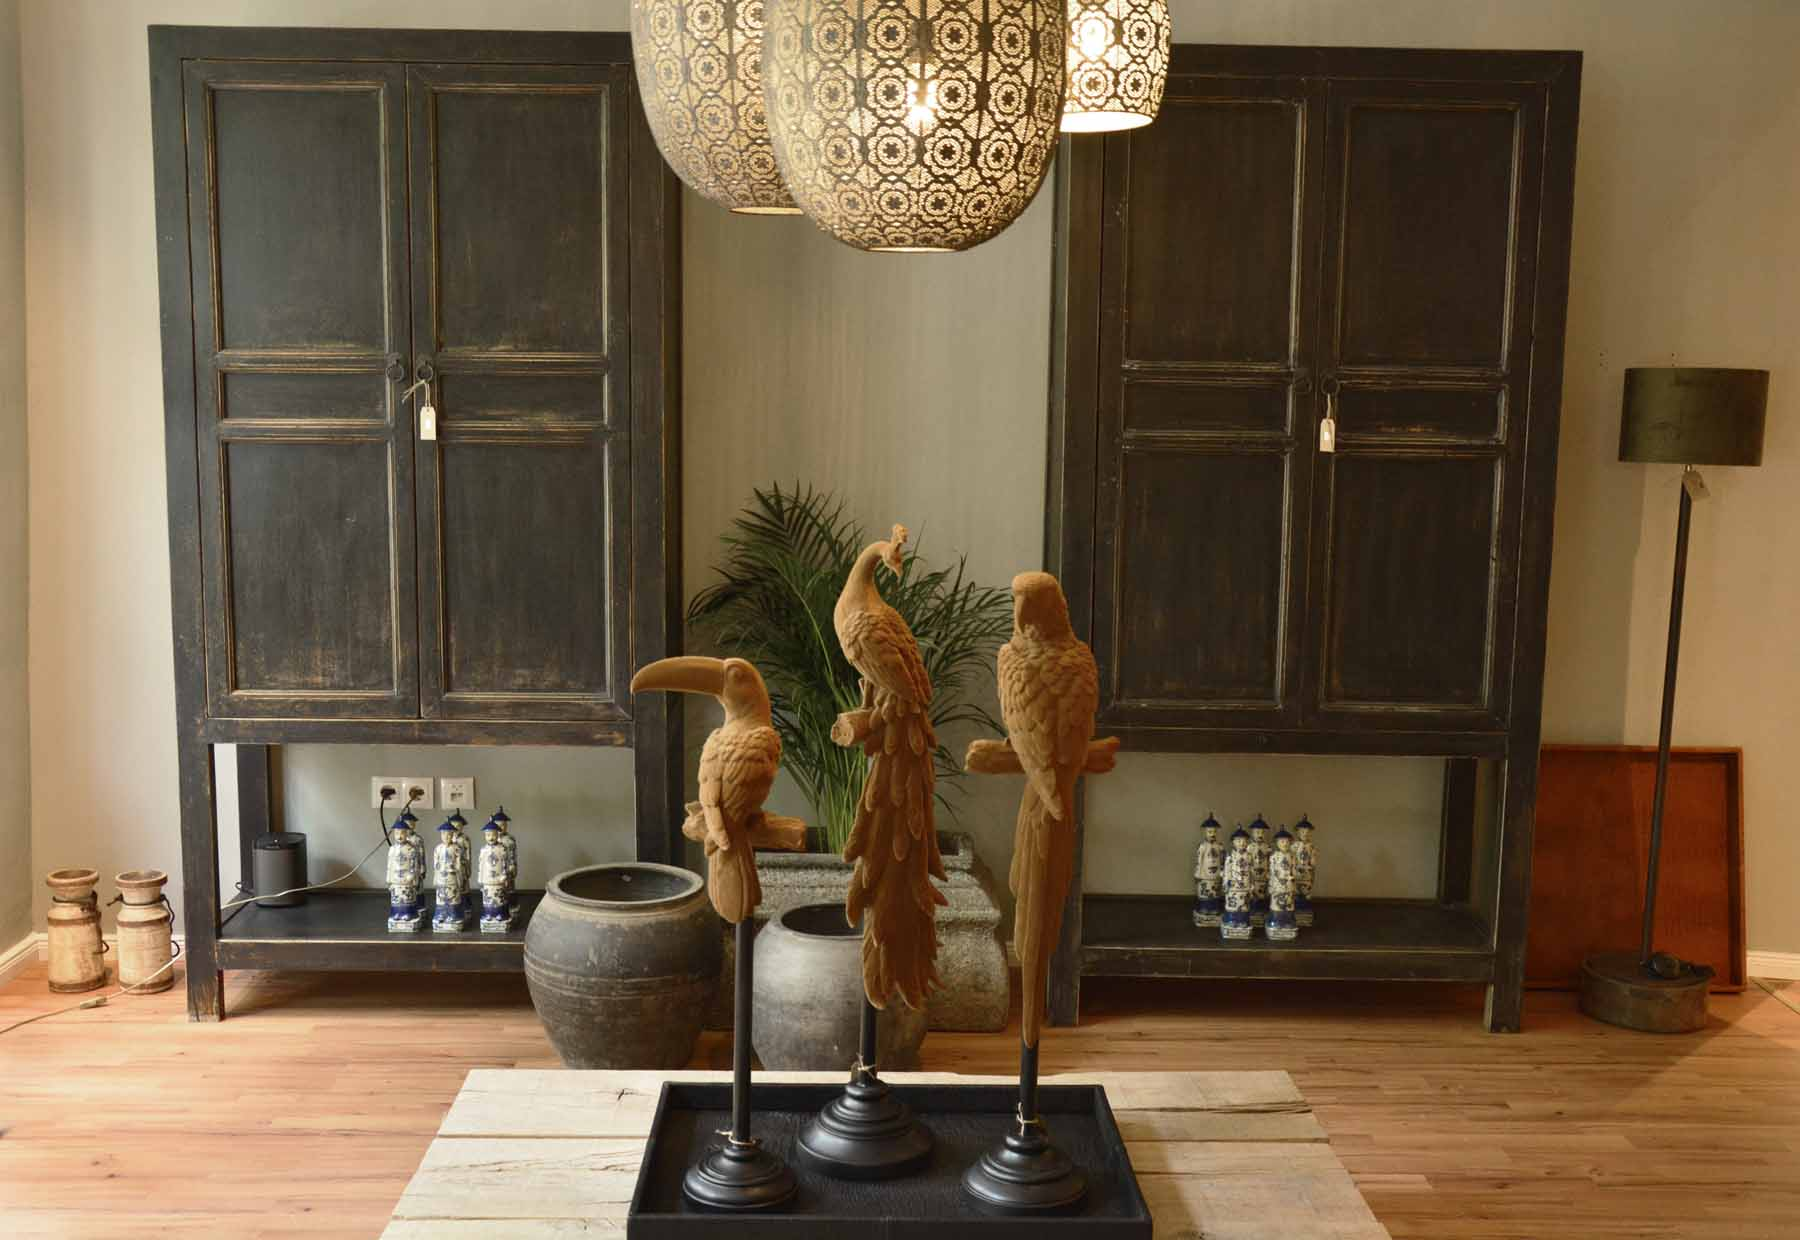 Blick in den Concept-Store mit zwei Vitrinen an der Wand. Im Vordergrund eine Skulptur mit Vögeln.